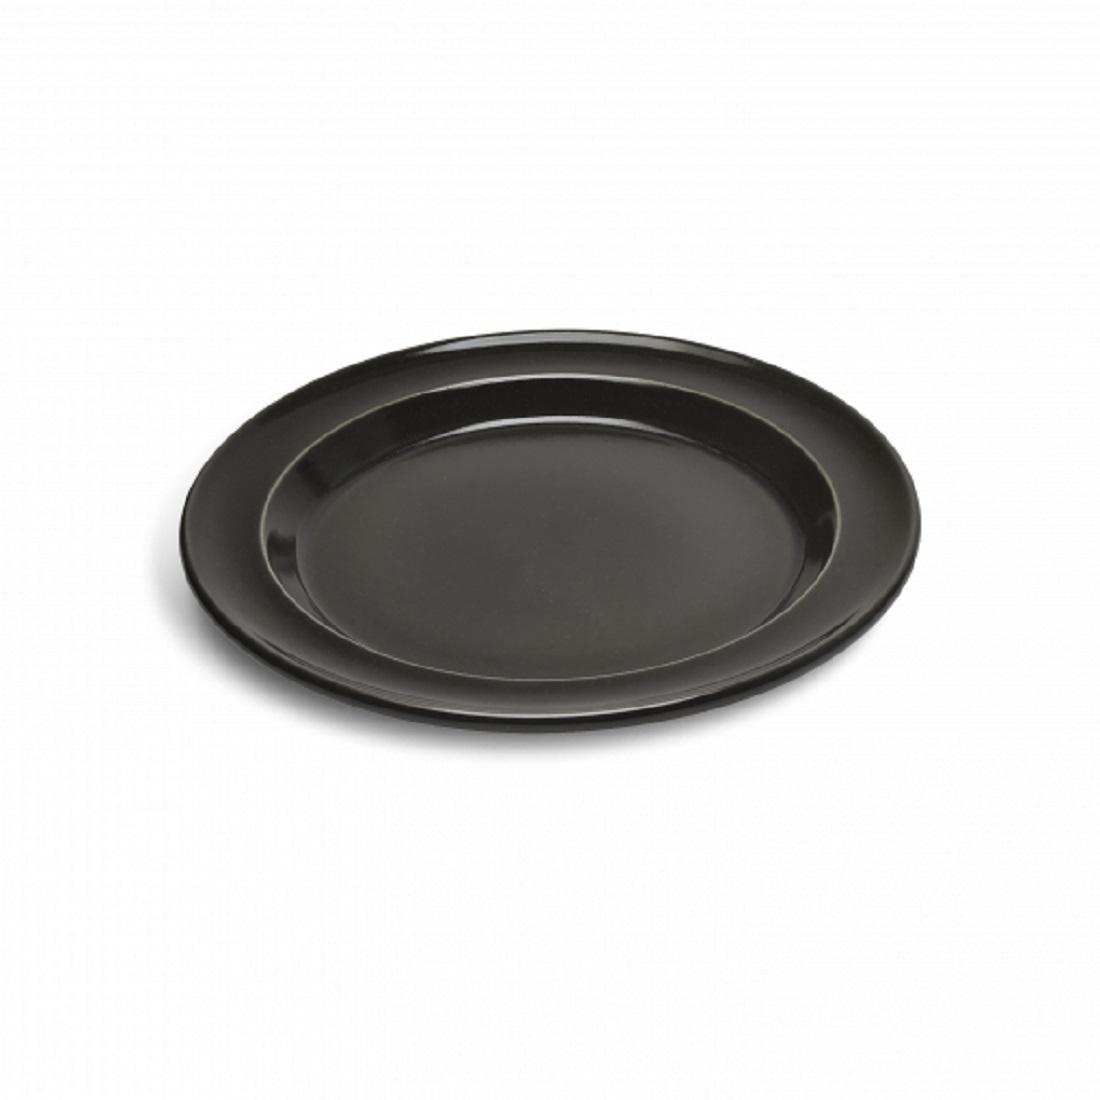 Тарелка десертная/закусочная Emile Henry Tableware, диаметр 21 см, черный Emile Henry 798870 фото 0